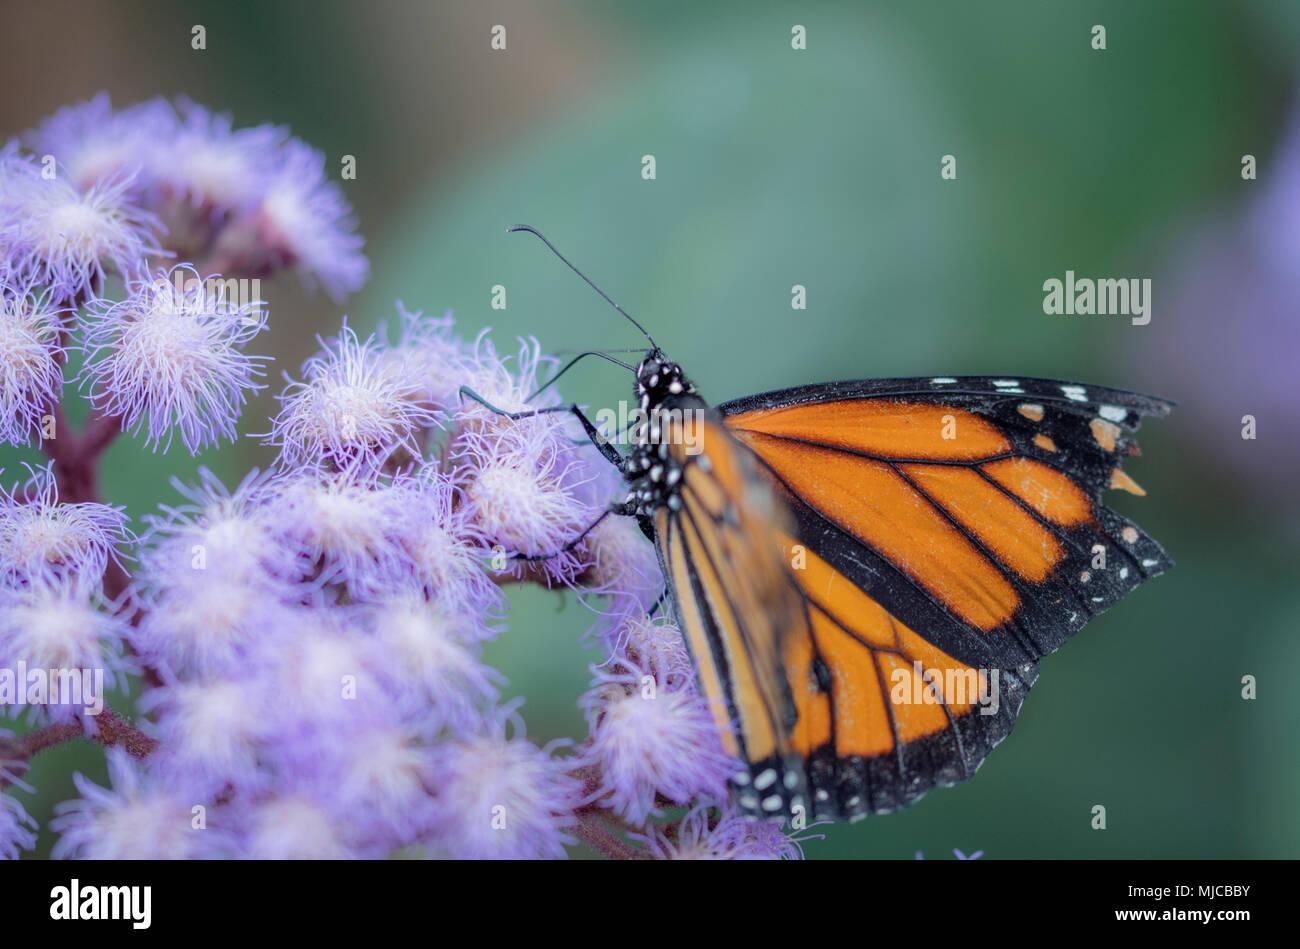 Beautiful Monarch Butterly on a Buddlea bush - Stock Image